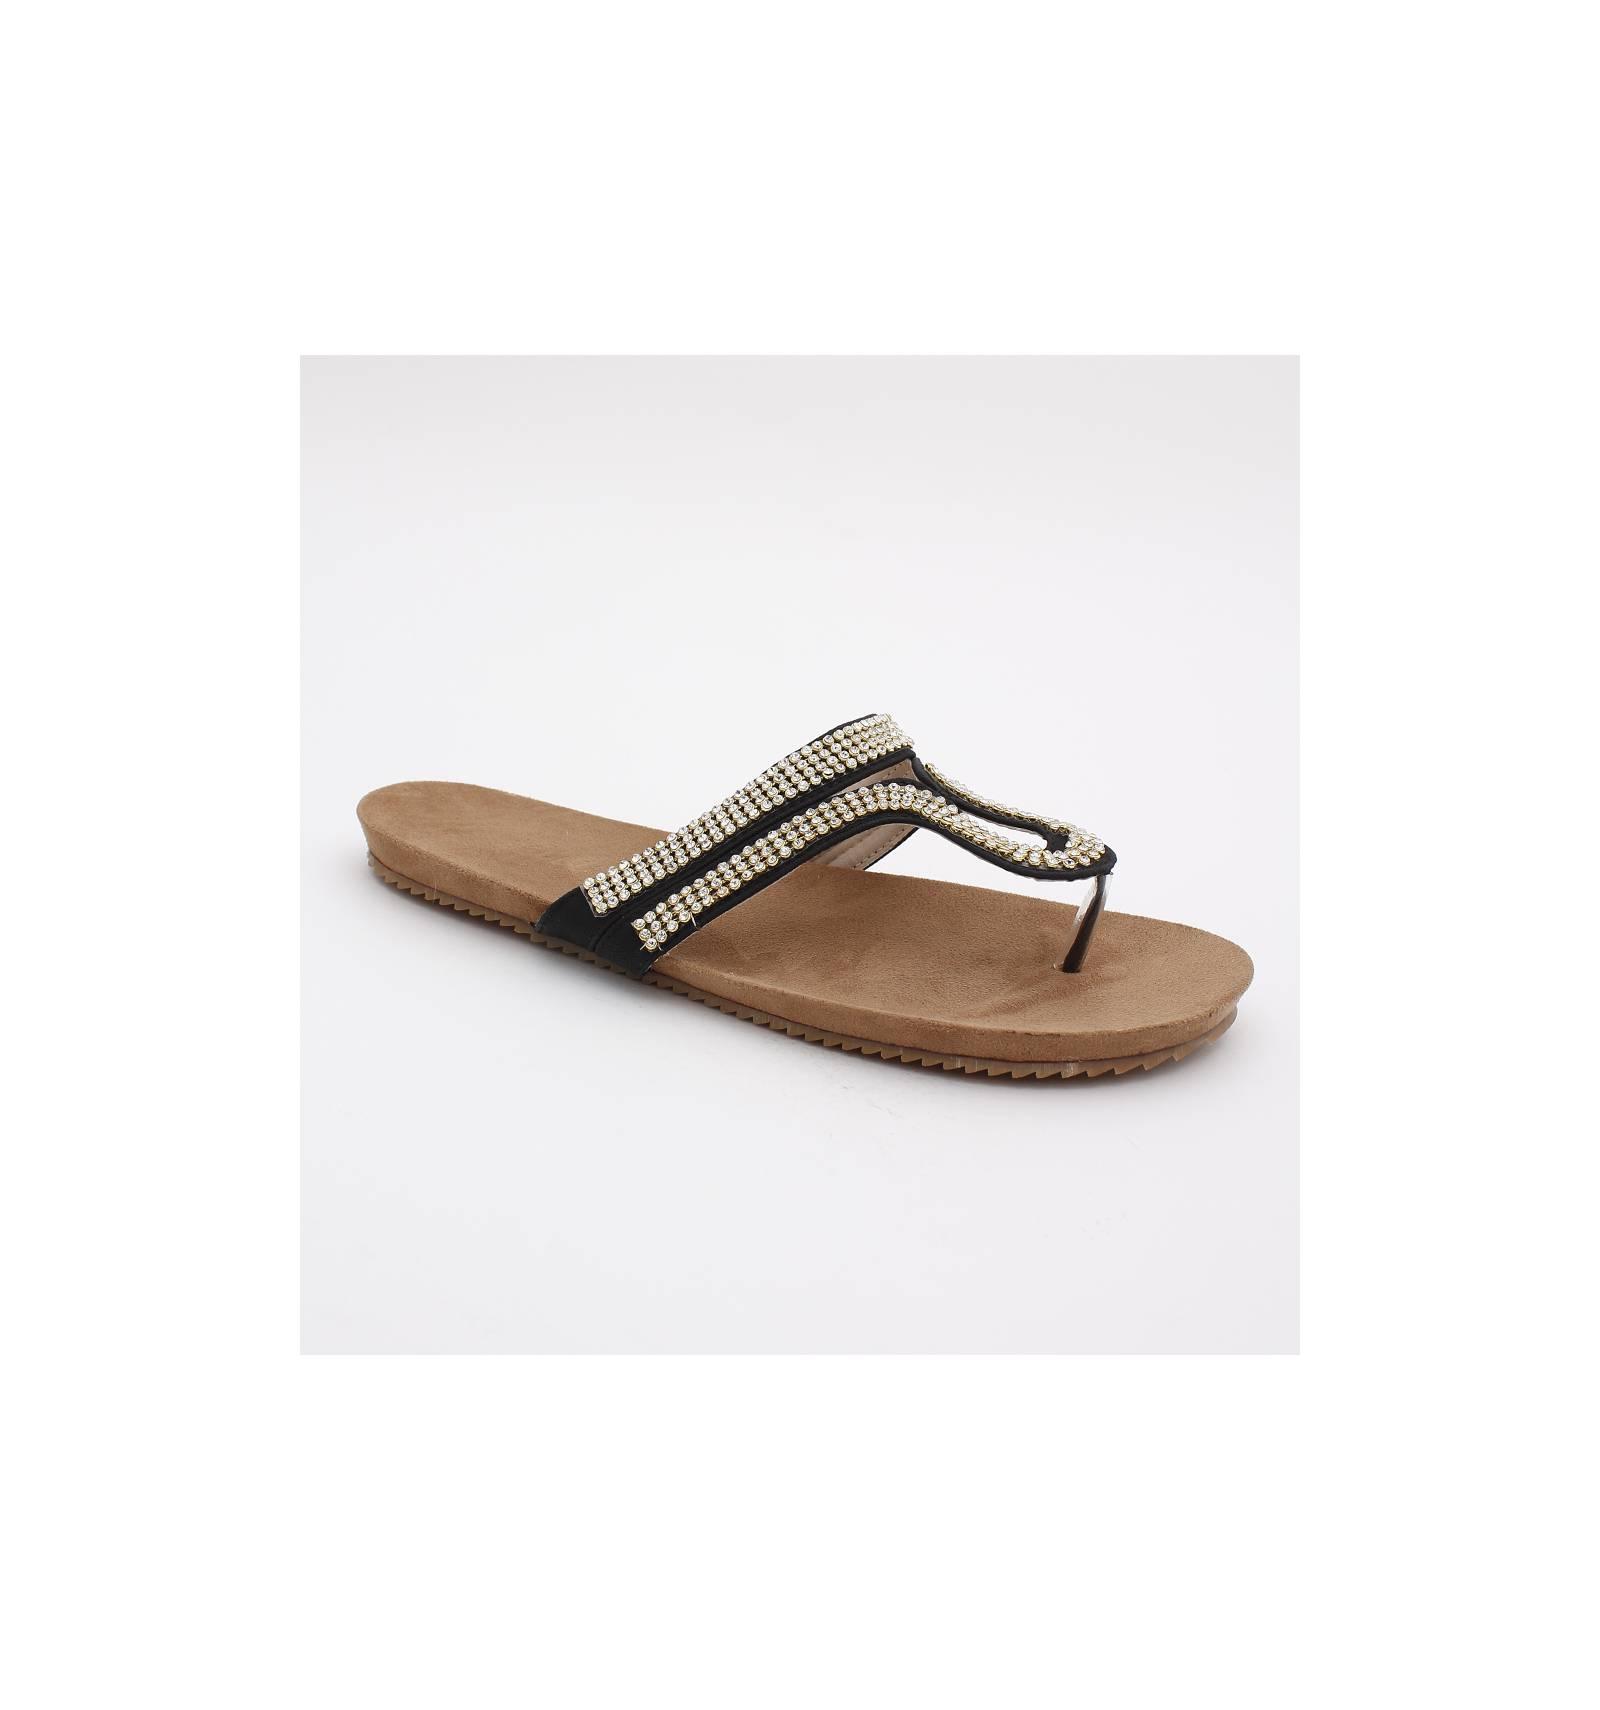 8723644c0fa Tong femme semelle confort - Chaussure - lescahiersdalter